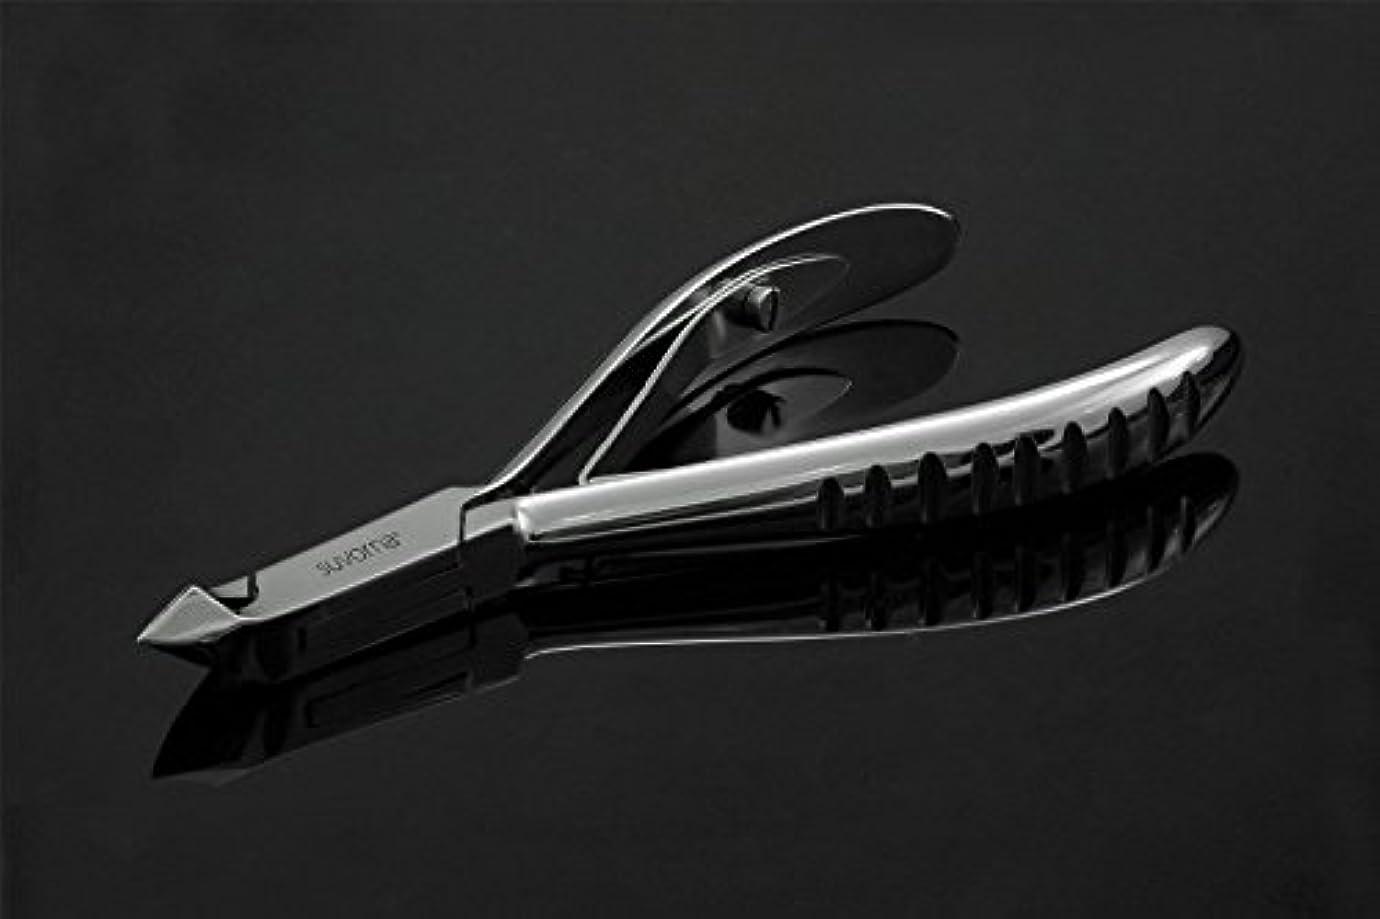 オーストラリア鮮やかな構成スヴォルナ マニプロ プロ仕様 キューティクル ネイル ニッパー カッター 革ケース 研磨スチール 3.2オンス (91g) (インポート)